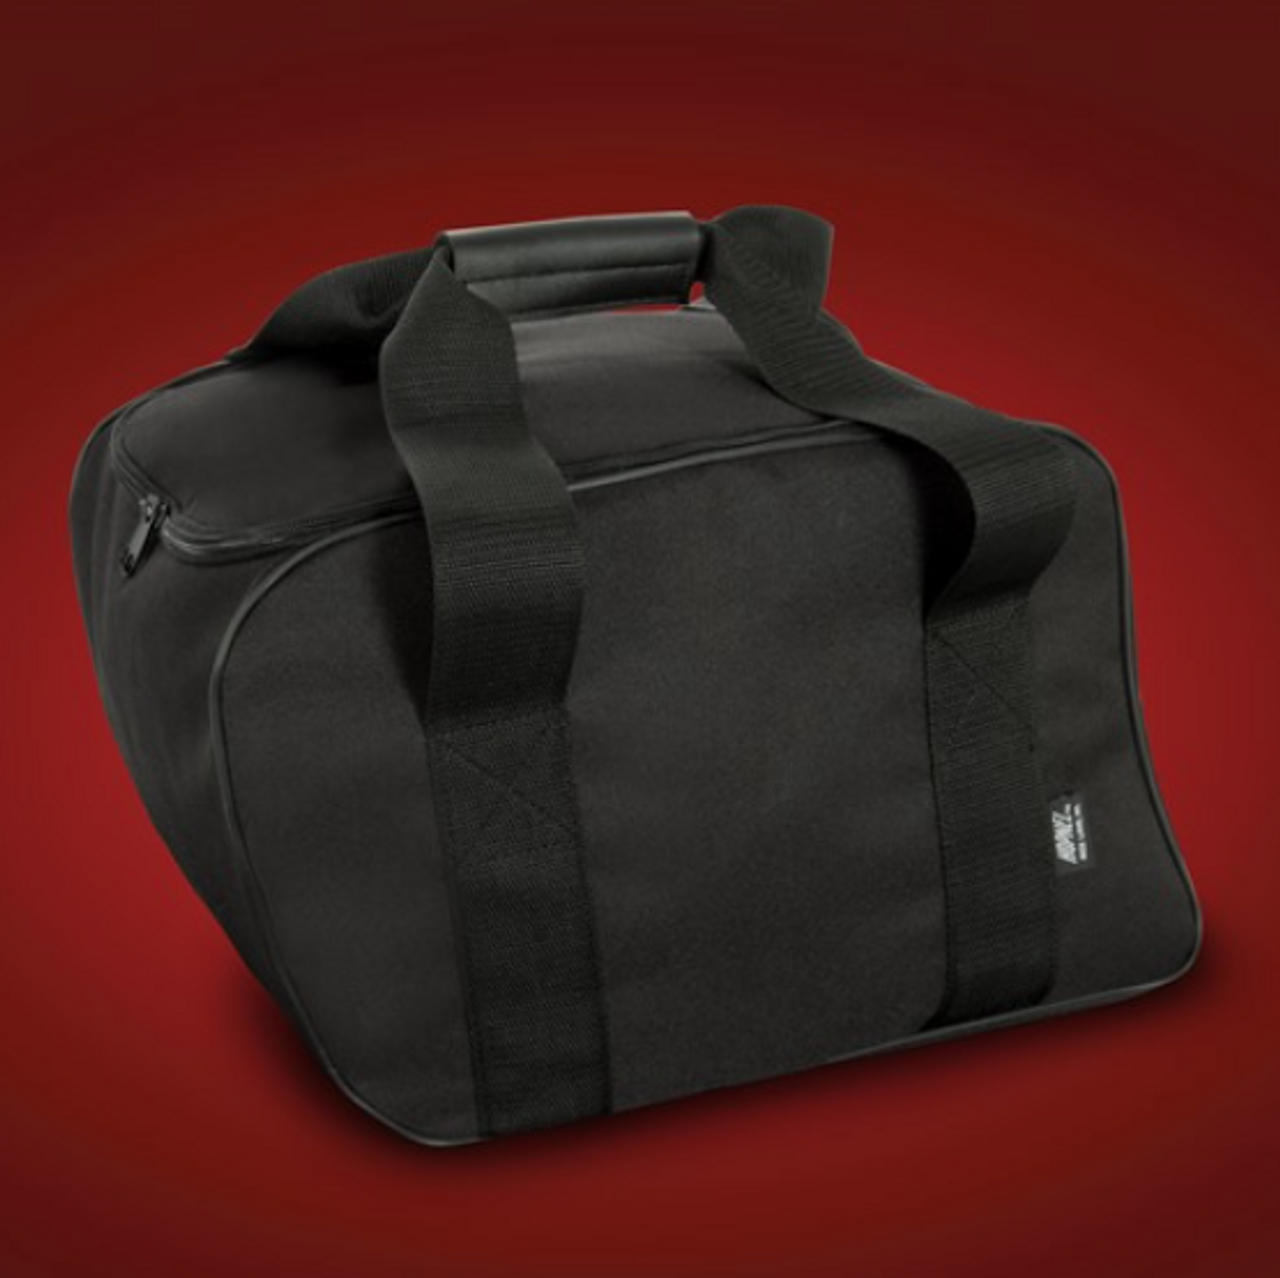 Spyder RT Sac de voyage pour valise de côté - Ensemble de 2